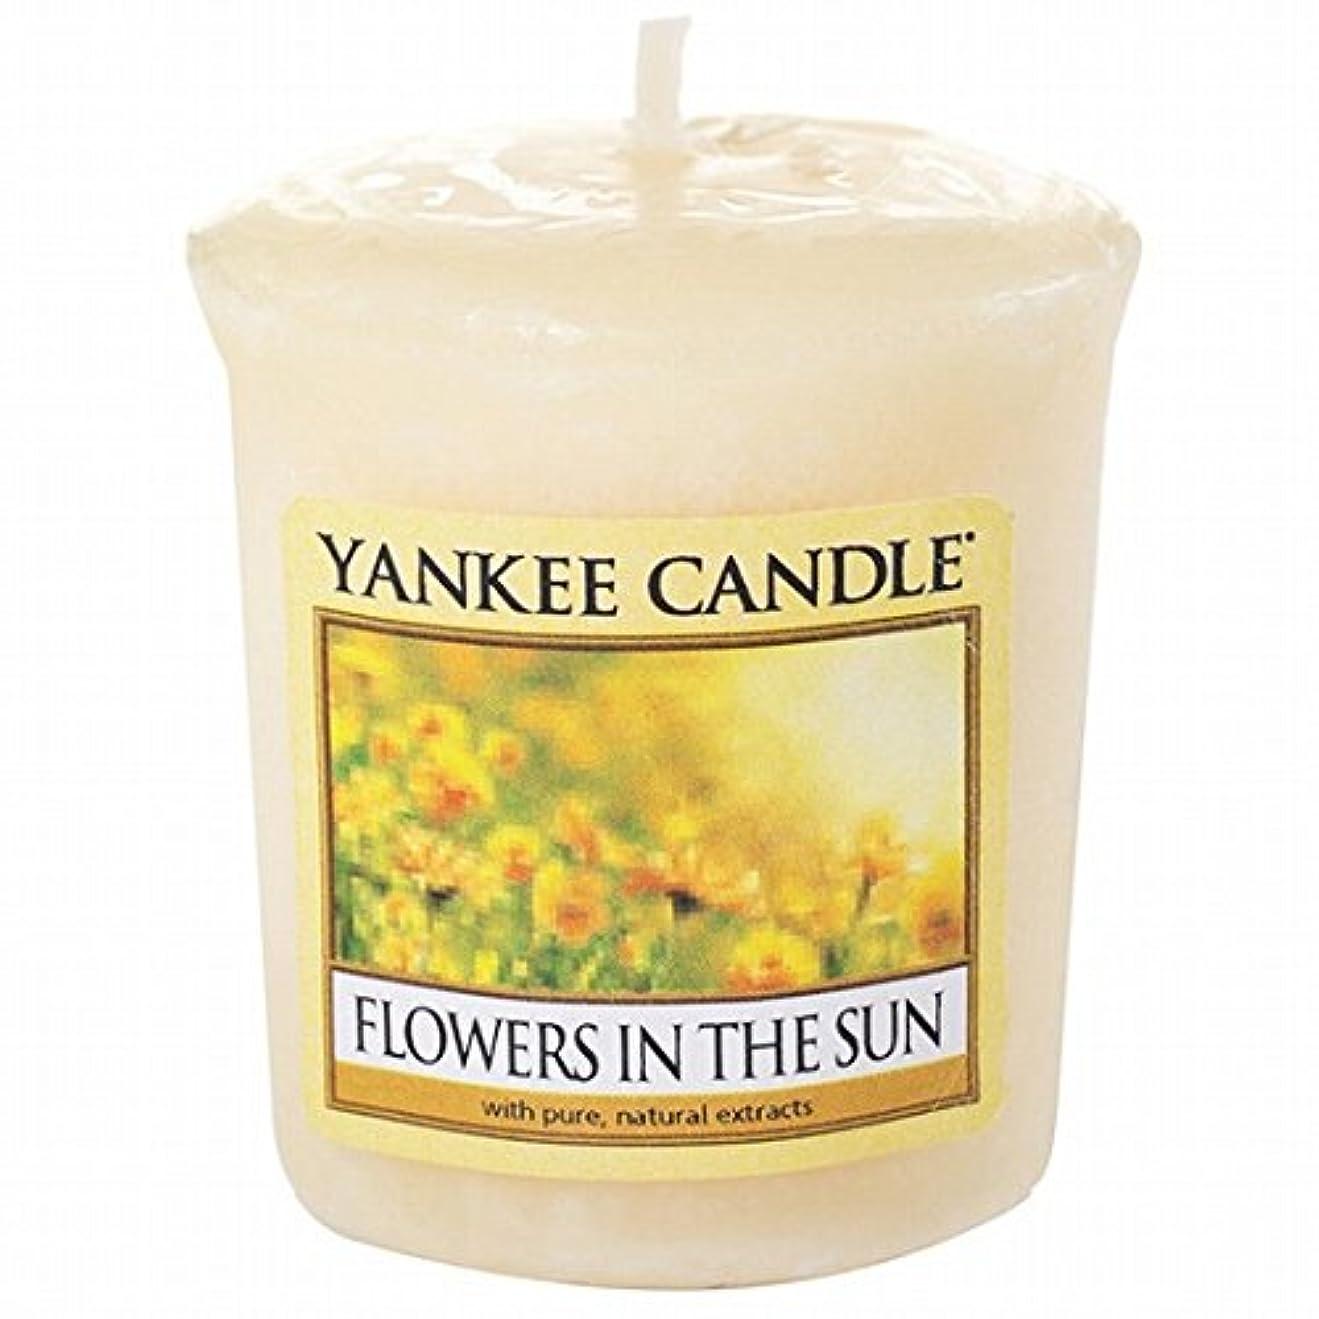 変数配管工急ぐヤンキーキャンドル(YANKEE CANDLE) YANKEE CANDLE サンプラー 「フラワーインザサン」